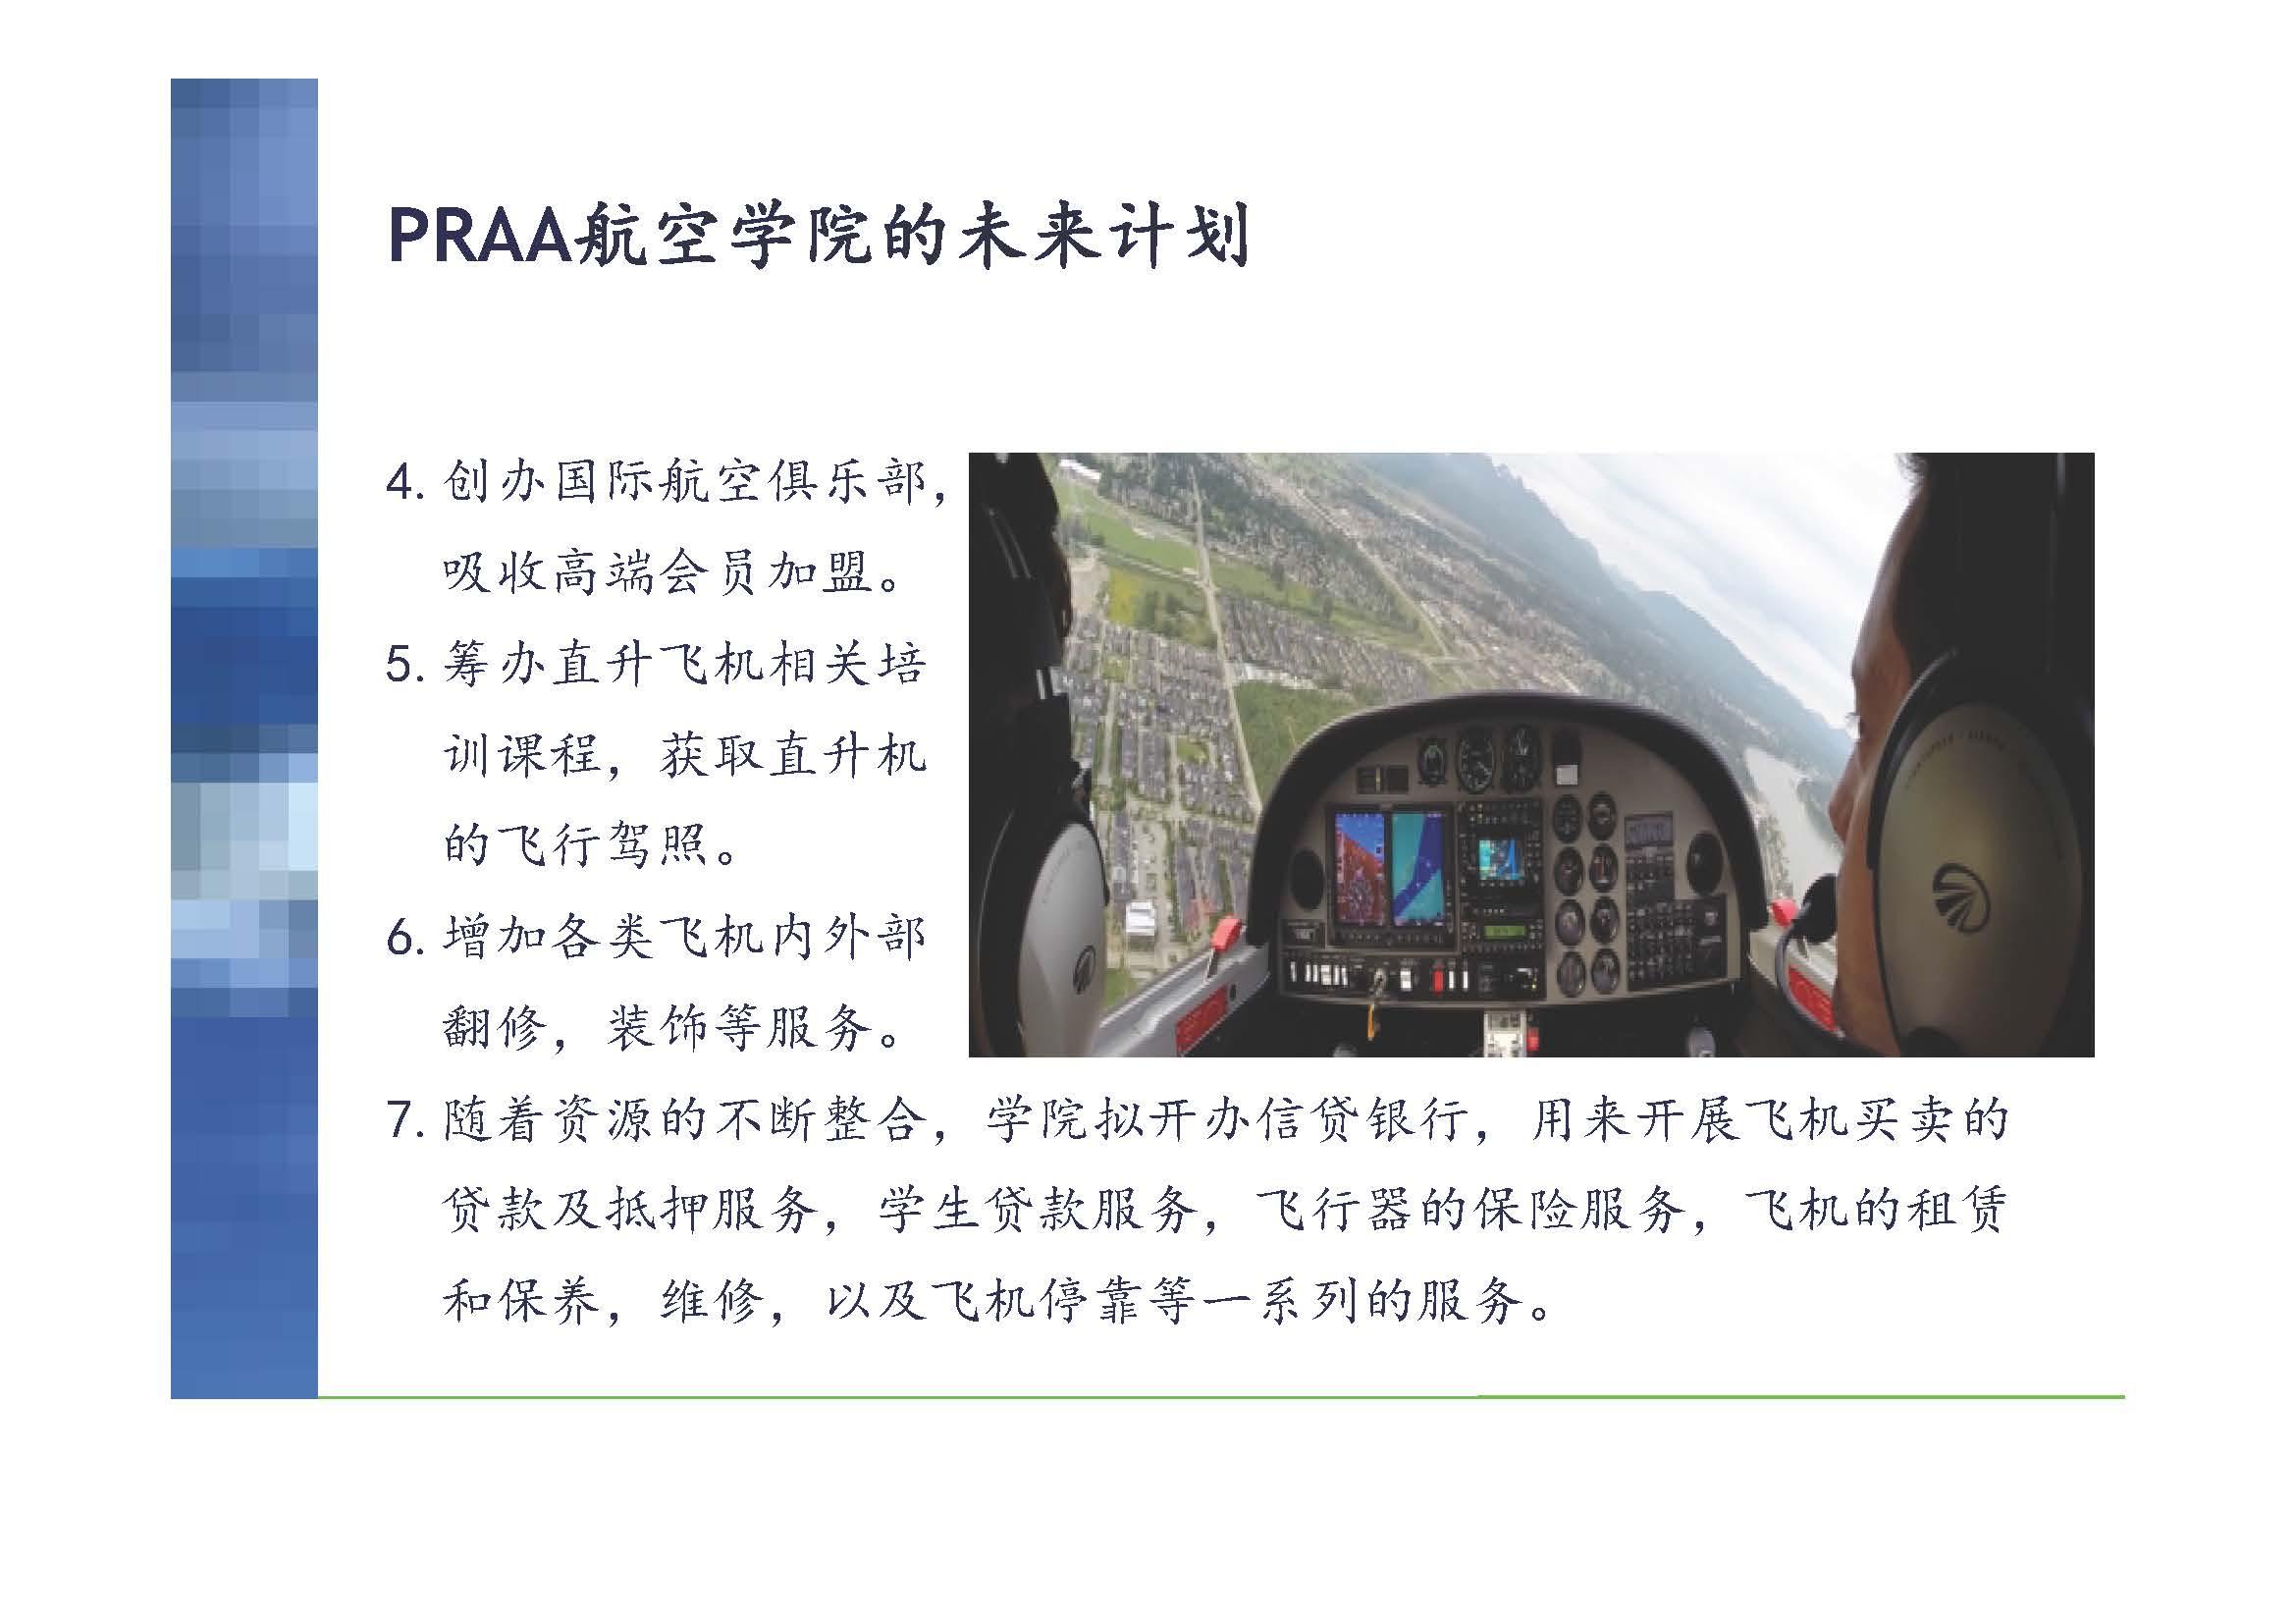 pnpjpg page 18